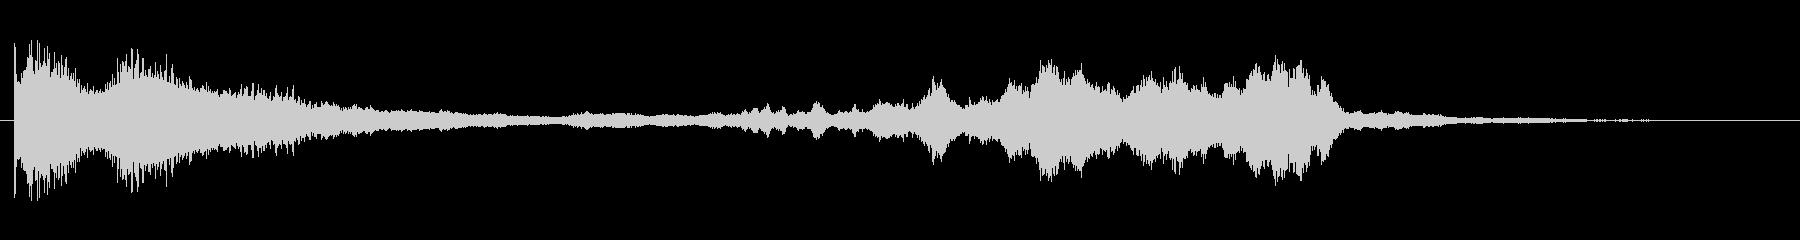 KANT アプリサウンドFX1212の未再生の波形